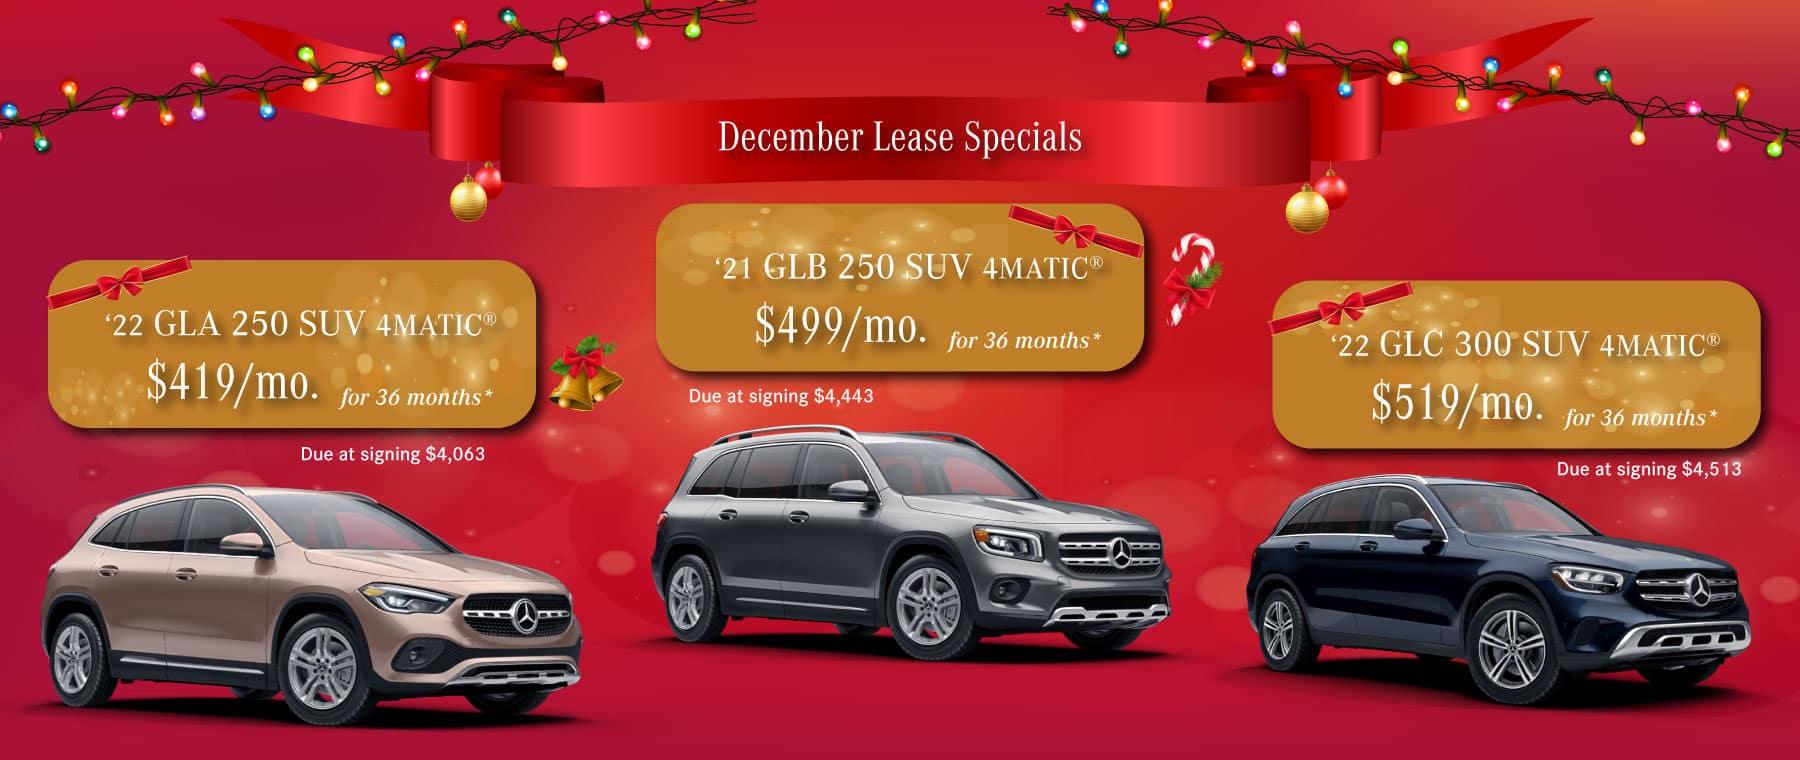 Mercedes-Benz of Atlantic City new 2021 mercedes benz lease specials